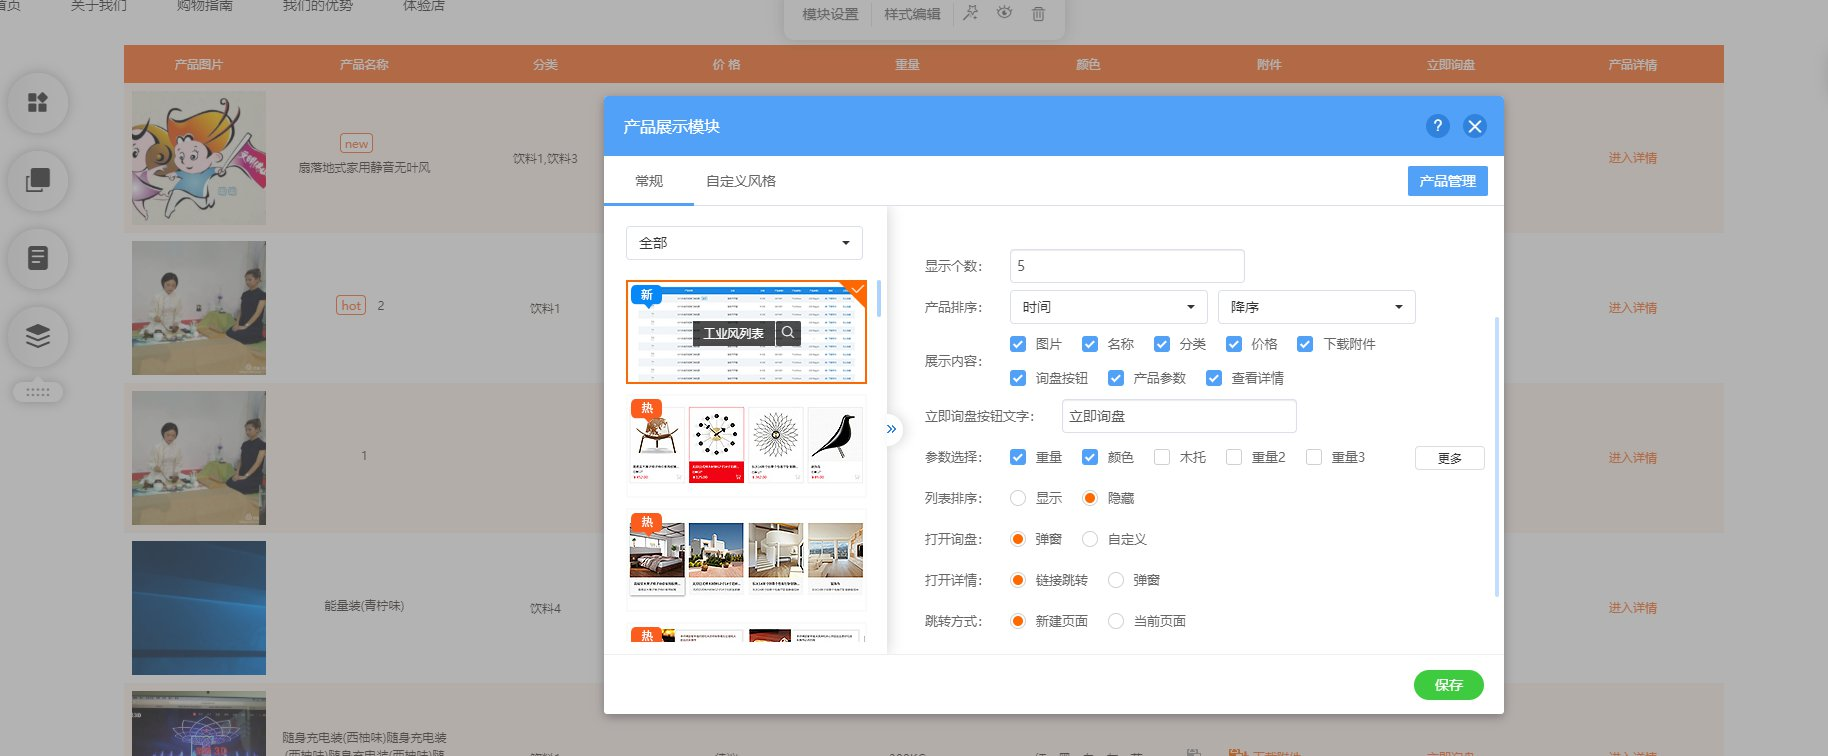 建站更新:上海h5网站建设系统新增工业列表表格风格样式